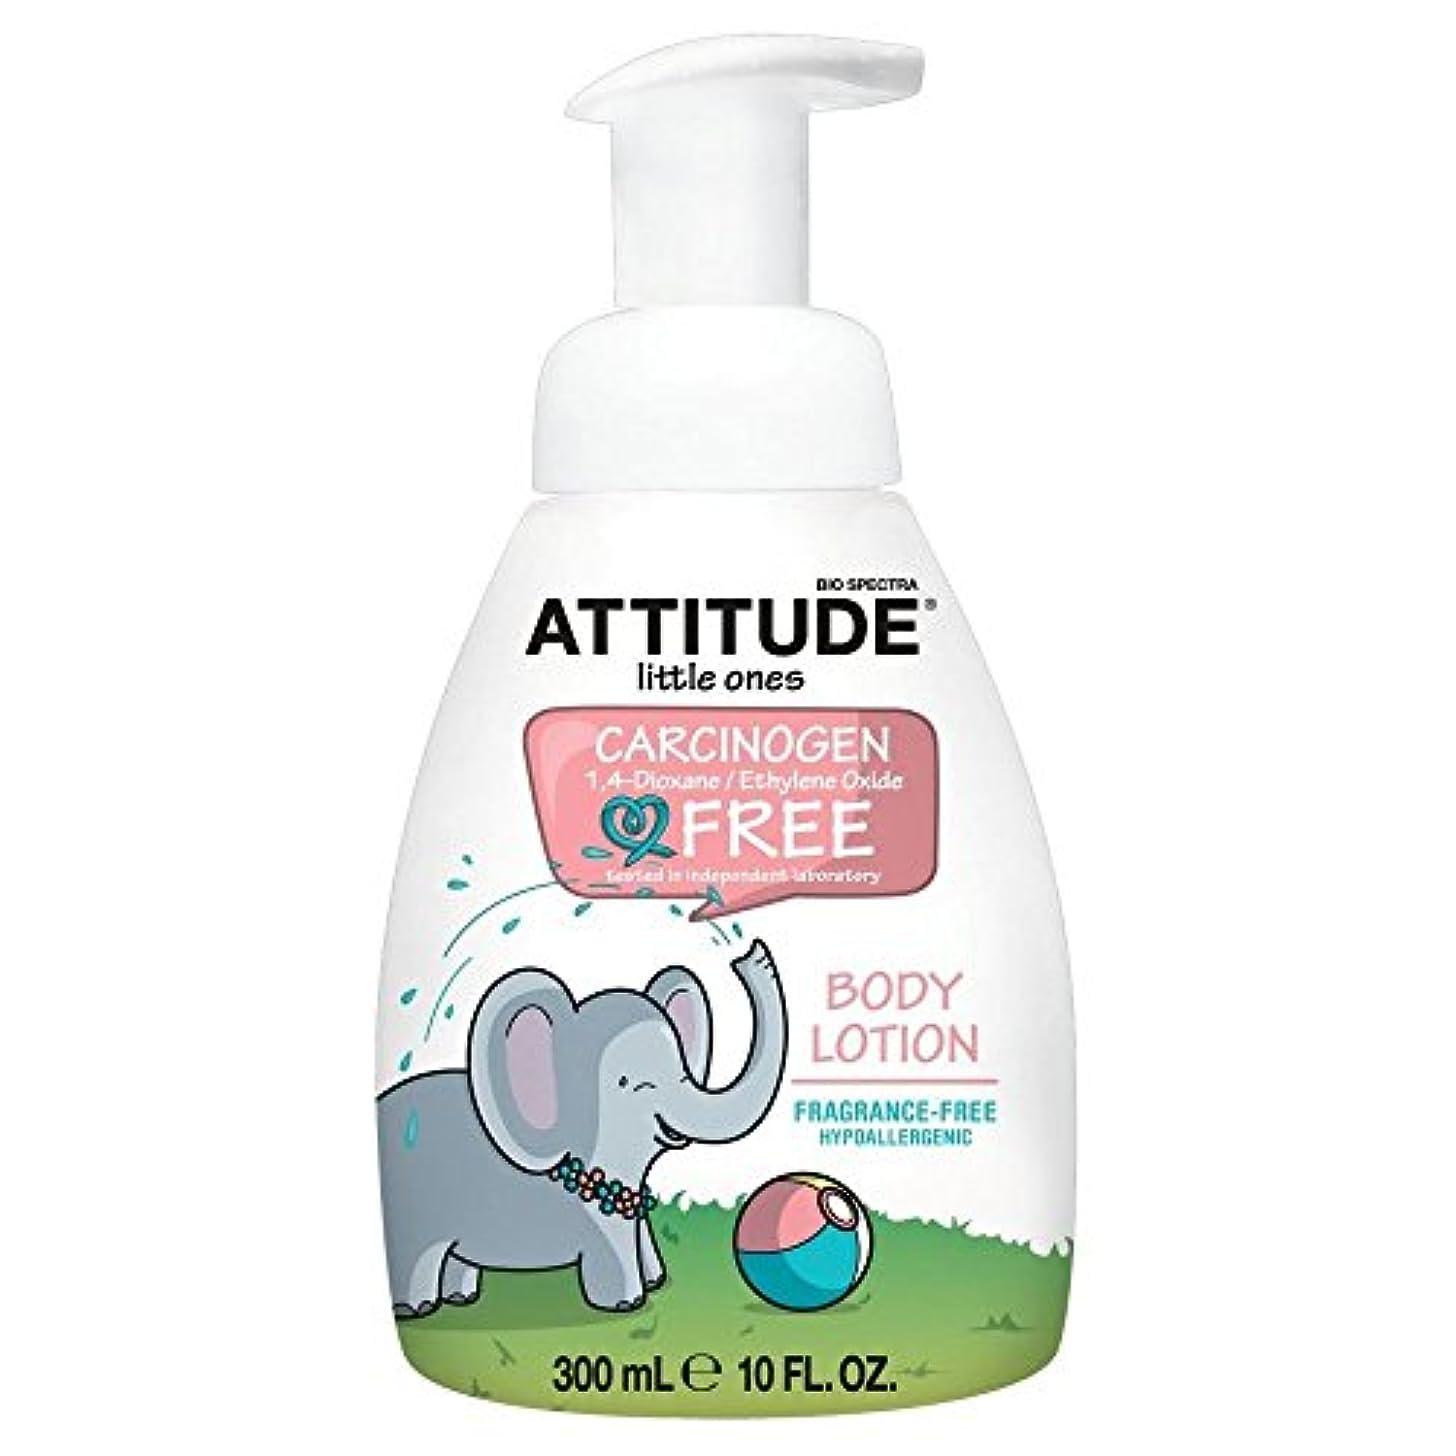 爆発する学習細部Attitude Little Ones Body Lotion - Fragrance Free (295ml) 態度の小さなものボディローション - 無香料( 295ミリリットル)